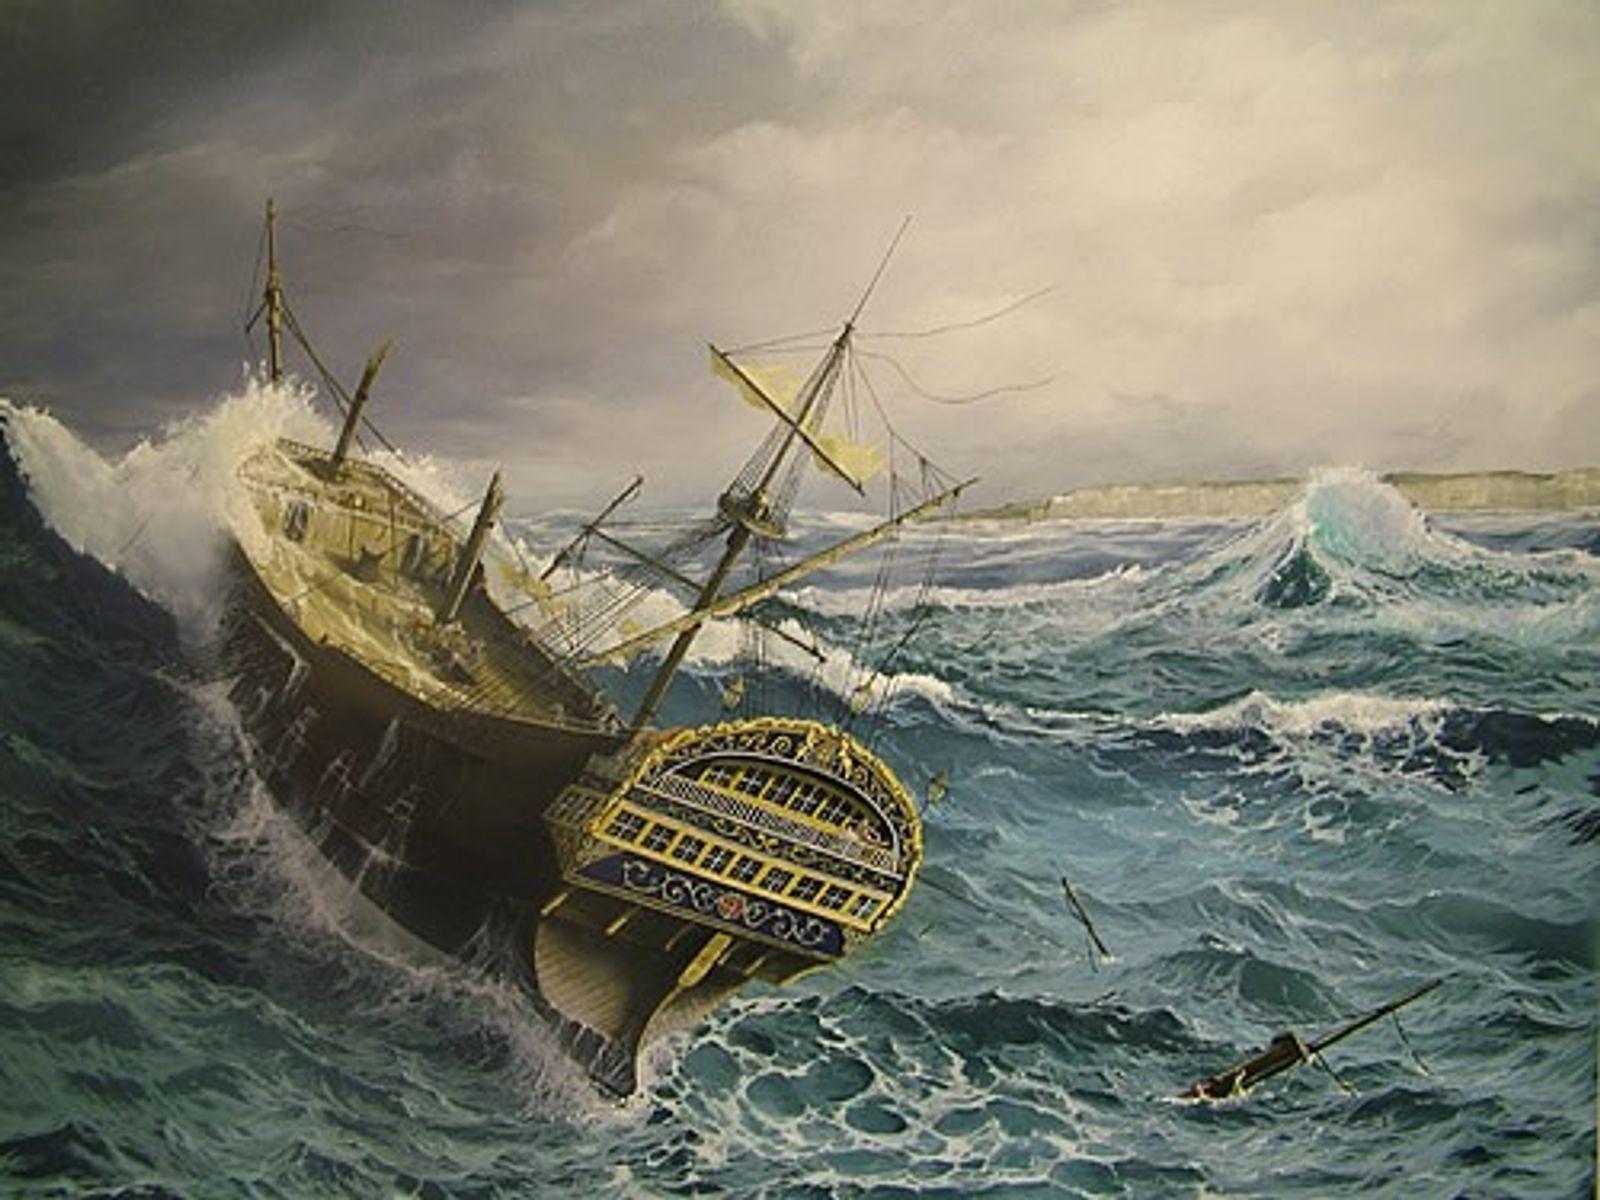 Le Rooswijk (navire de la Compagnie néerlandaise des Indes orientales) représenté en plein naufrage sur cette ...